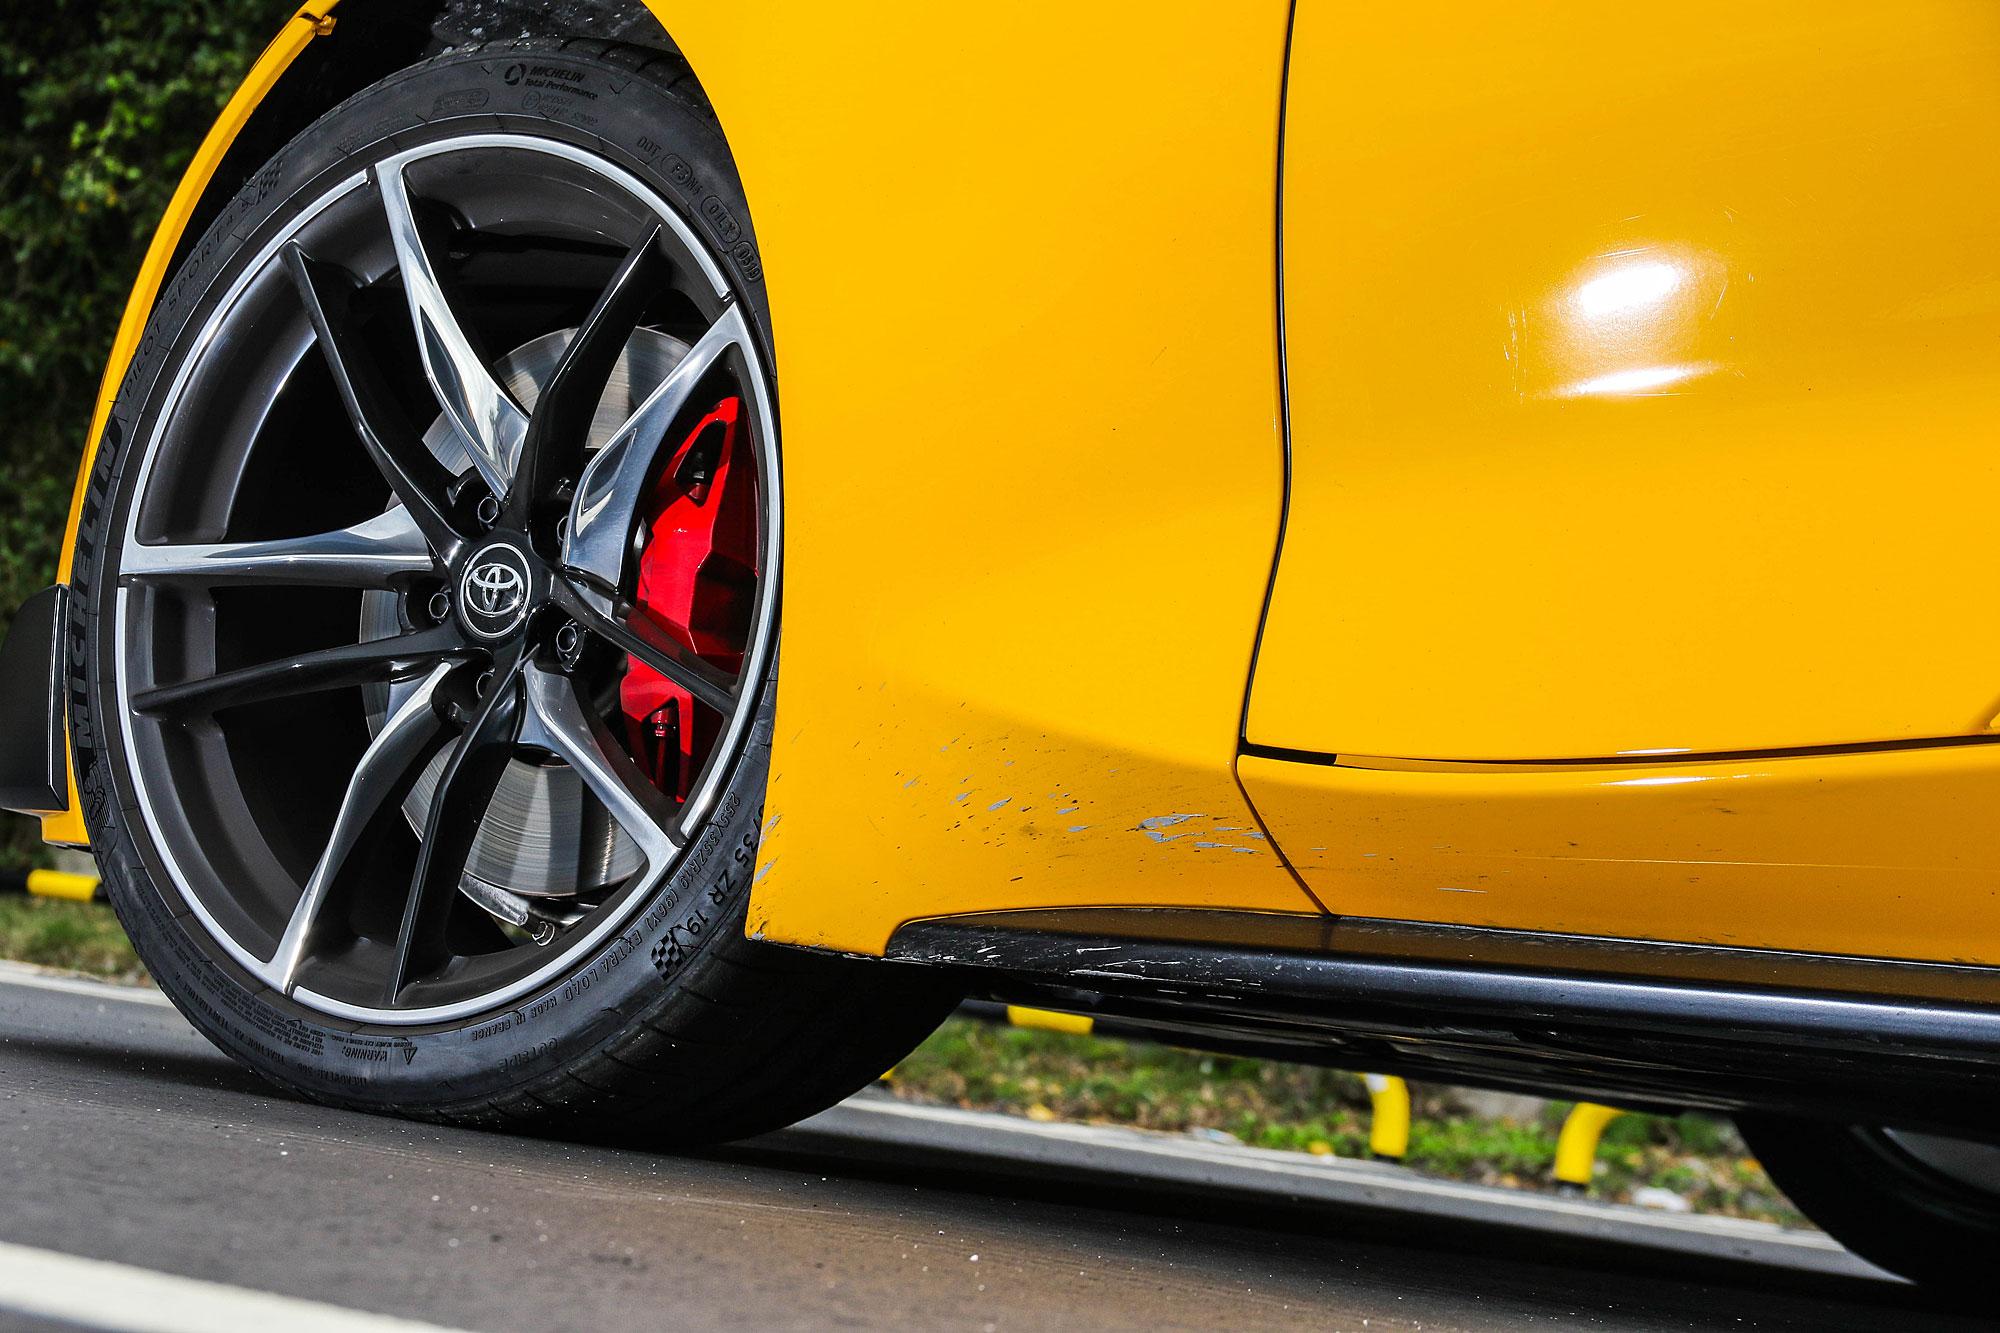 19 吋輪圈搭配紅色煞車卡鉗。